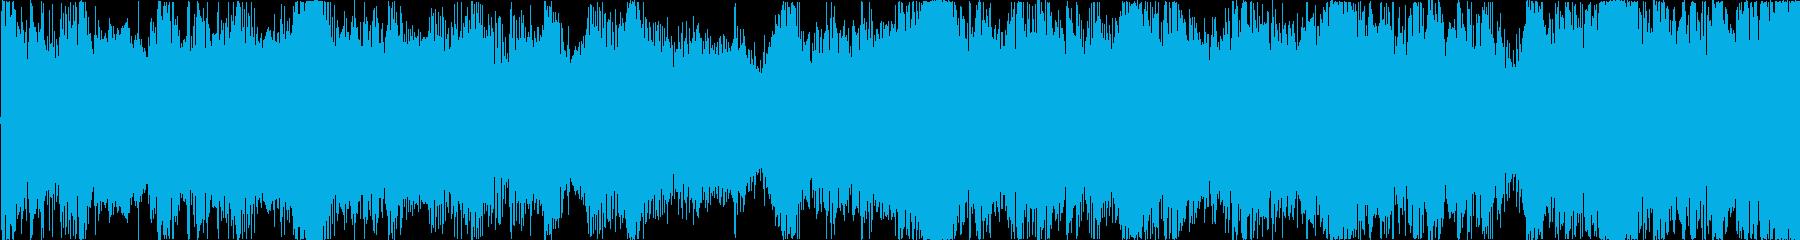 ハリウッド風トレイラー リズム主体01Lの再生済みの波形